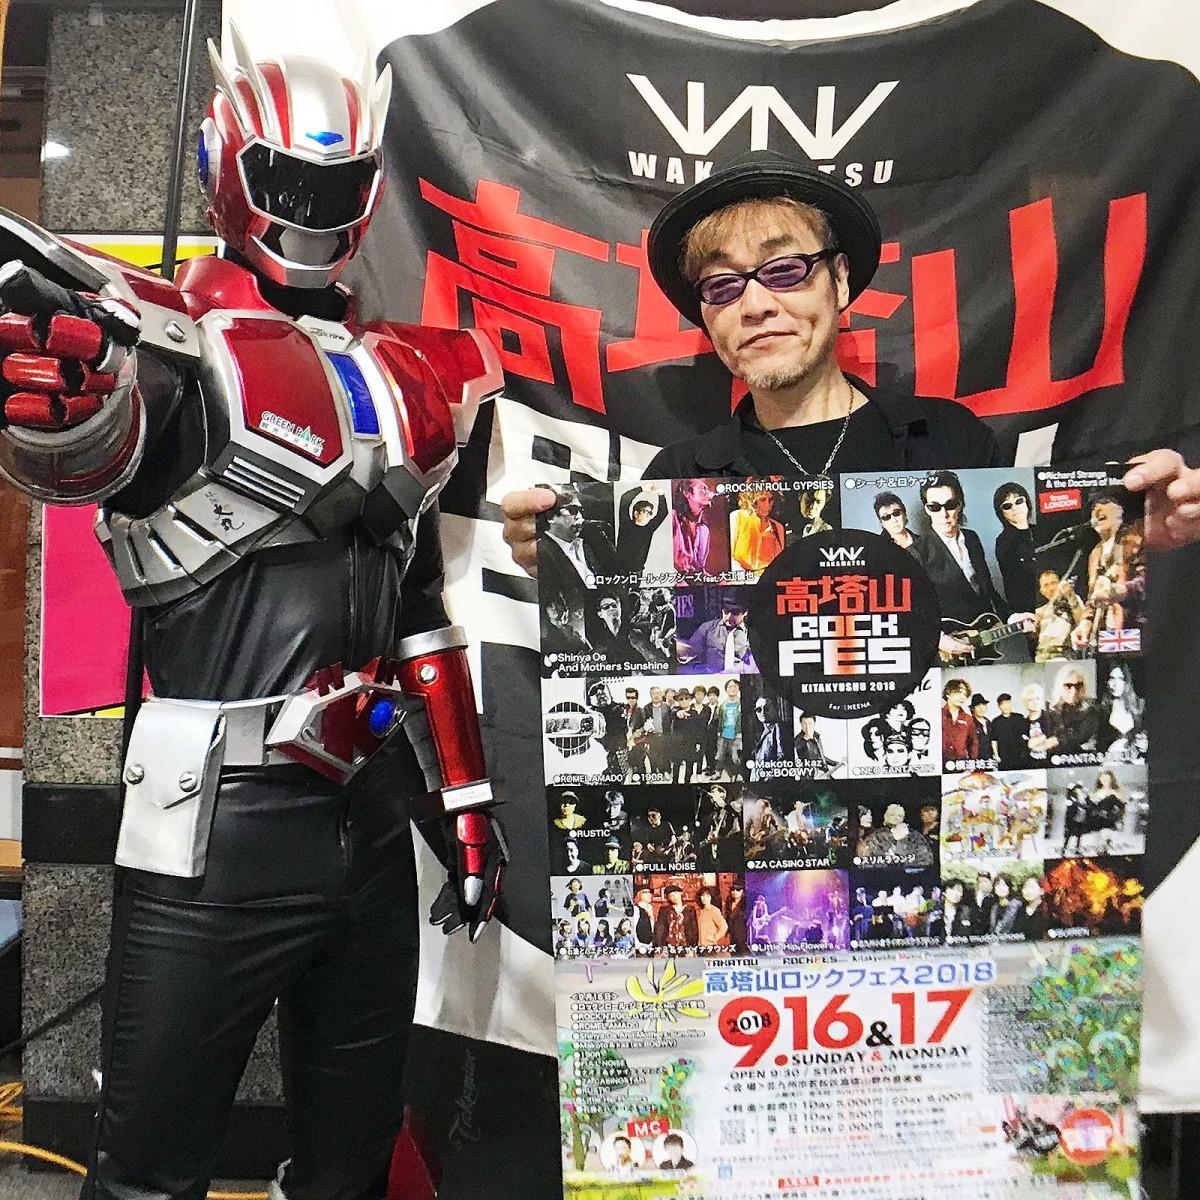 プロデューサーの倉掛英彰さん(右)と、「フードフェス」のPR大使・キタキューマン